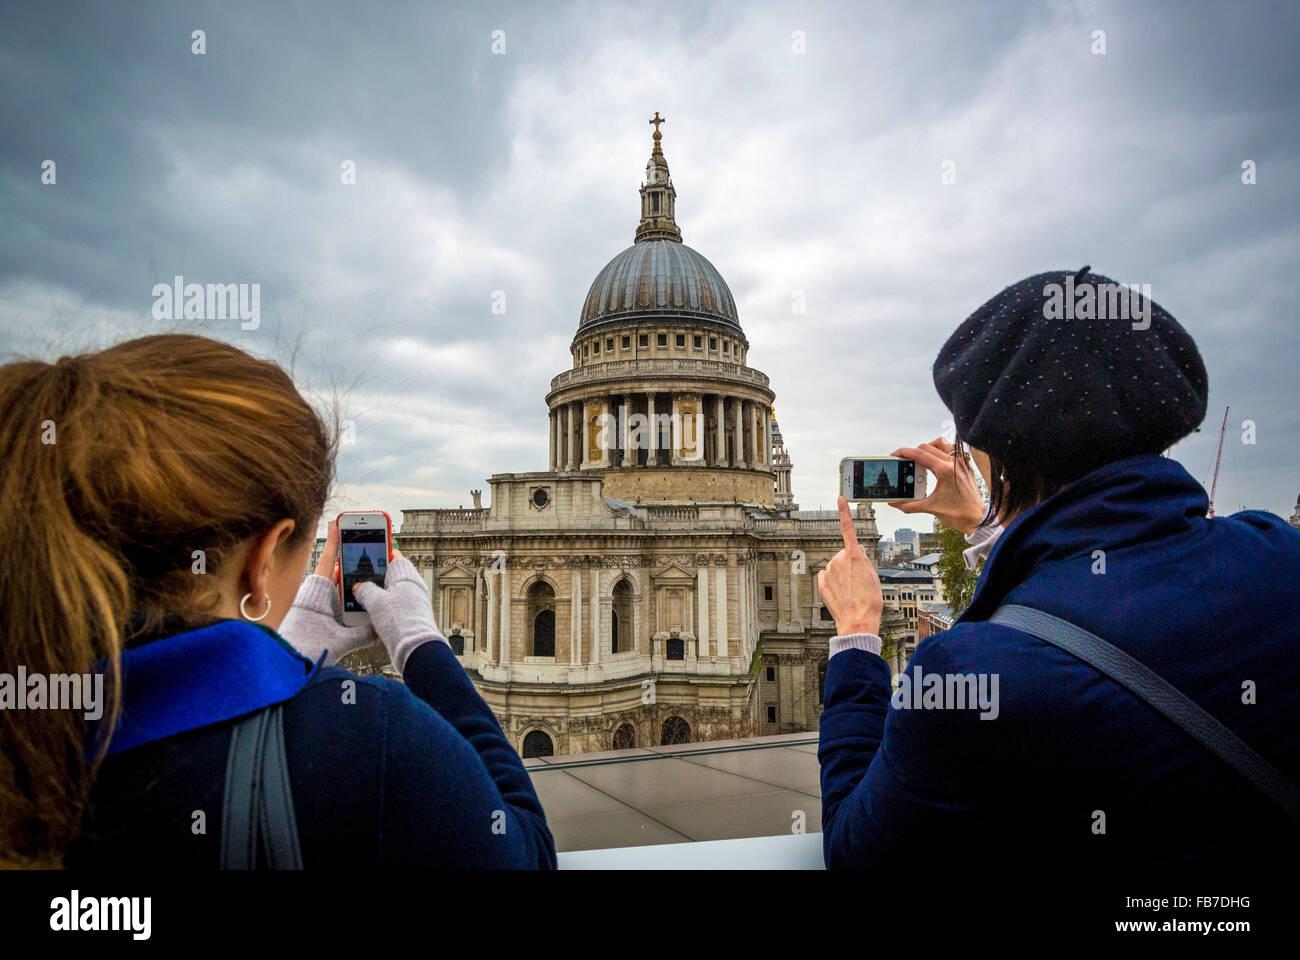 Zwei weibliche Touristen fotografieren von St. Pauls Cathedral auf iphones Stockbild